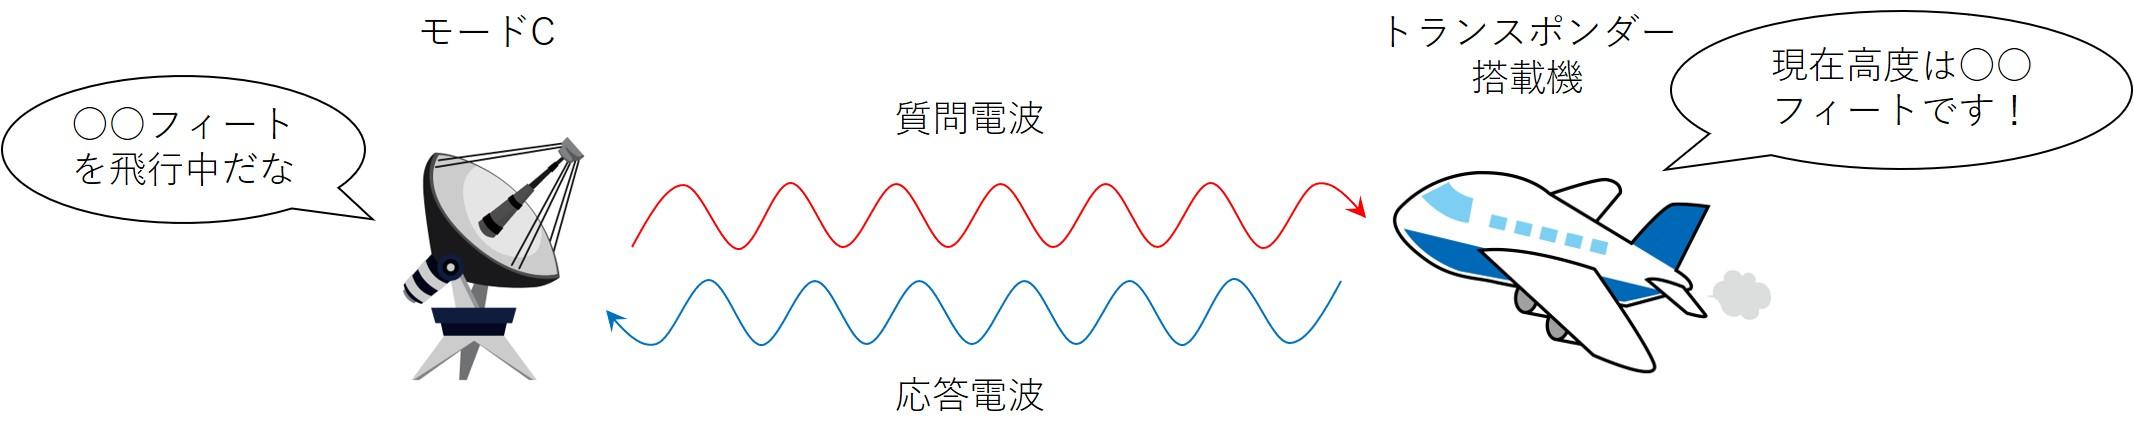 モードC機能のイメージ